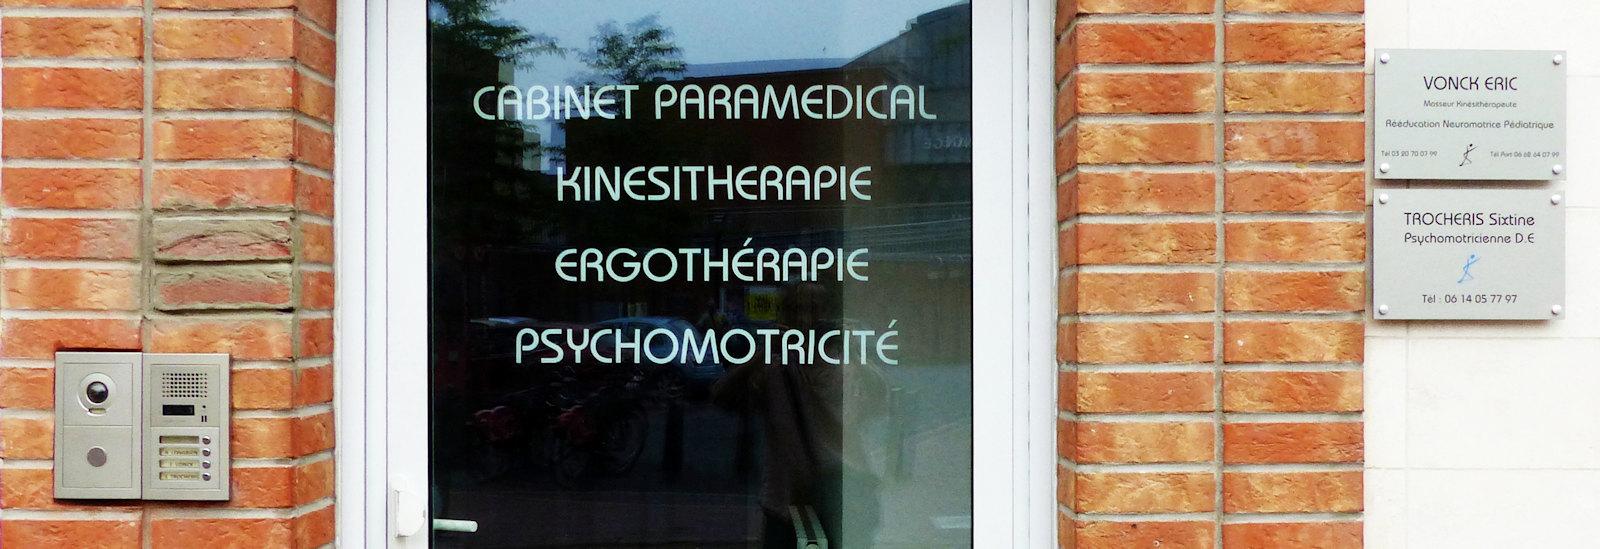 psychomotricienne sixtine Trocheris